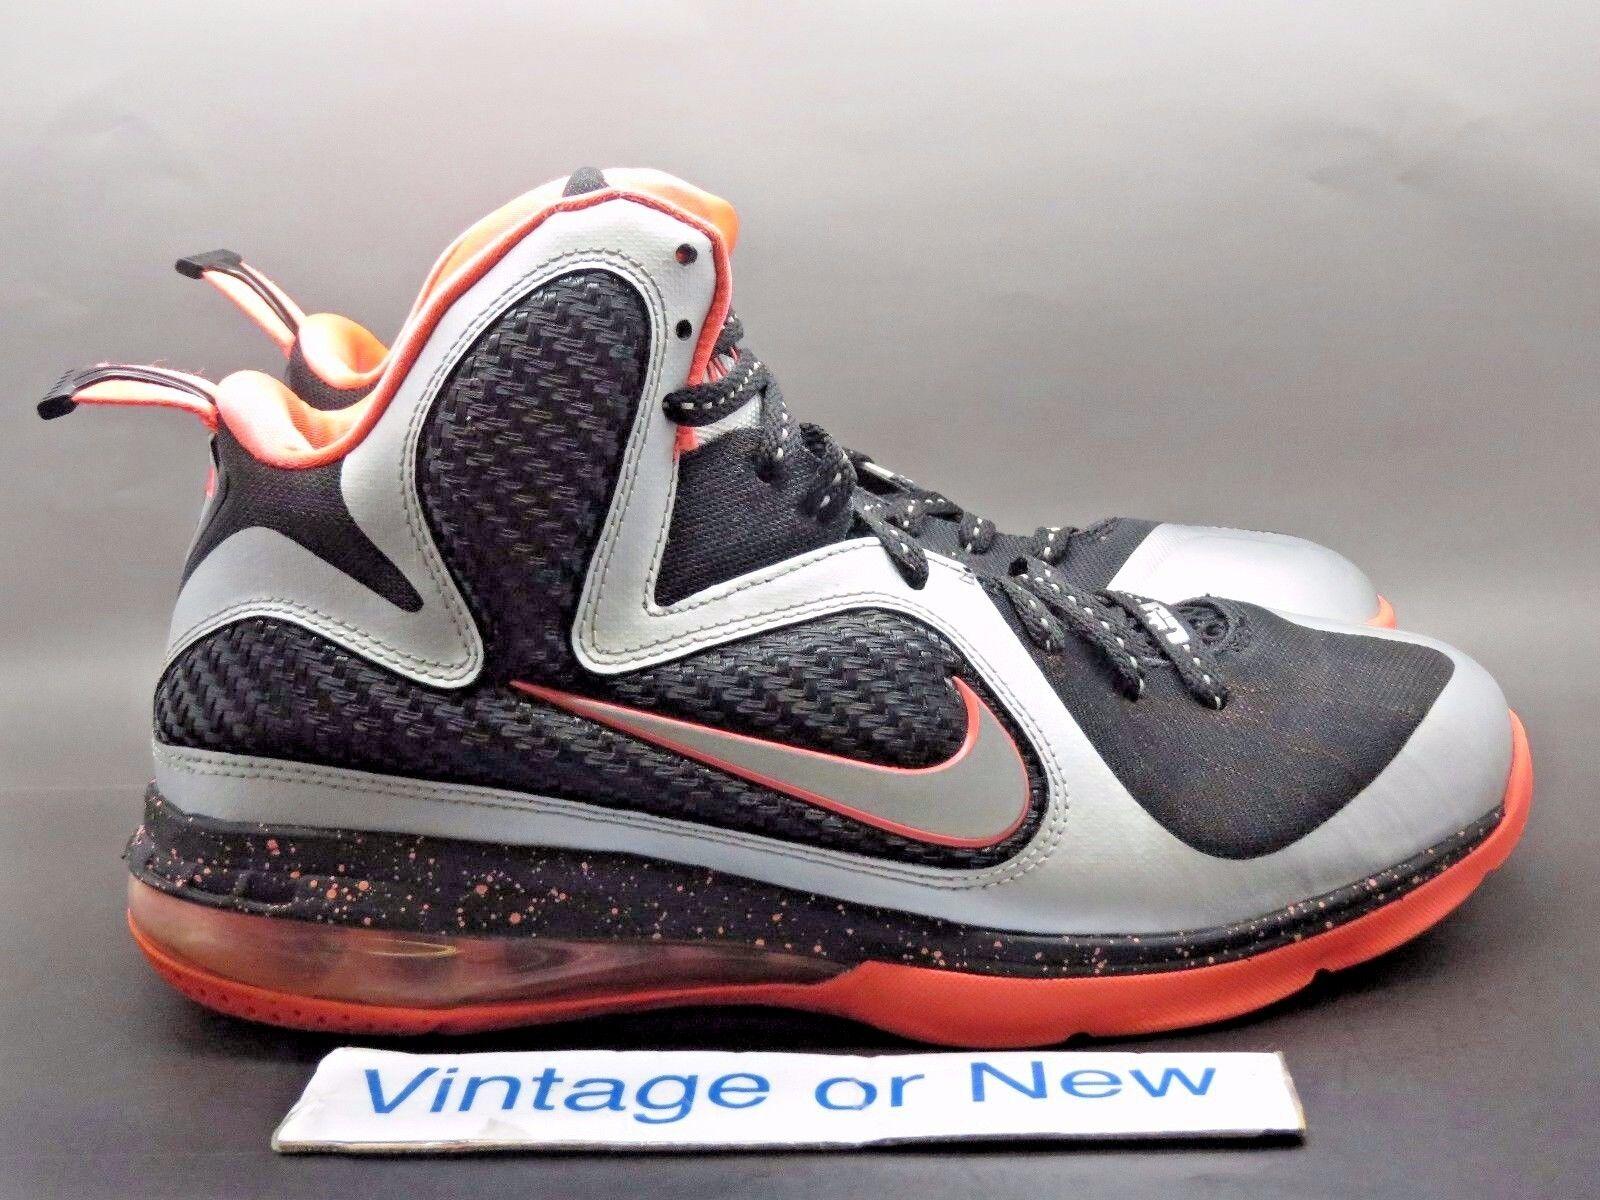 best value b052e a5e2d Nike LeBron IX 9 mango reducción de de de precios con gran descuento 148dd9